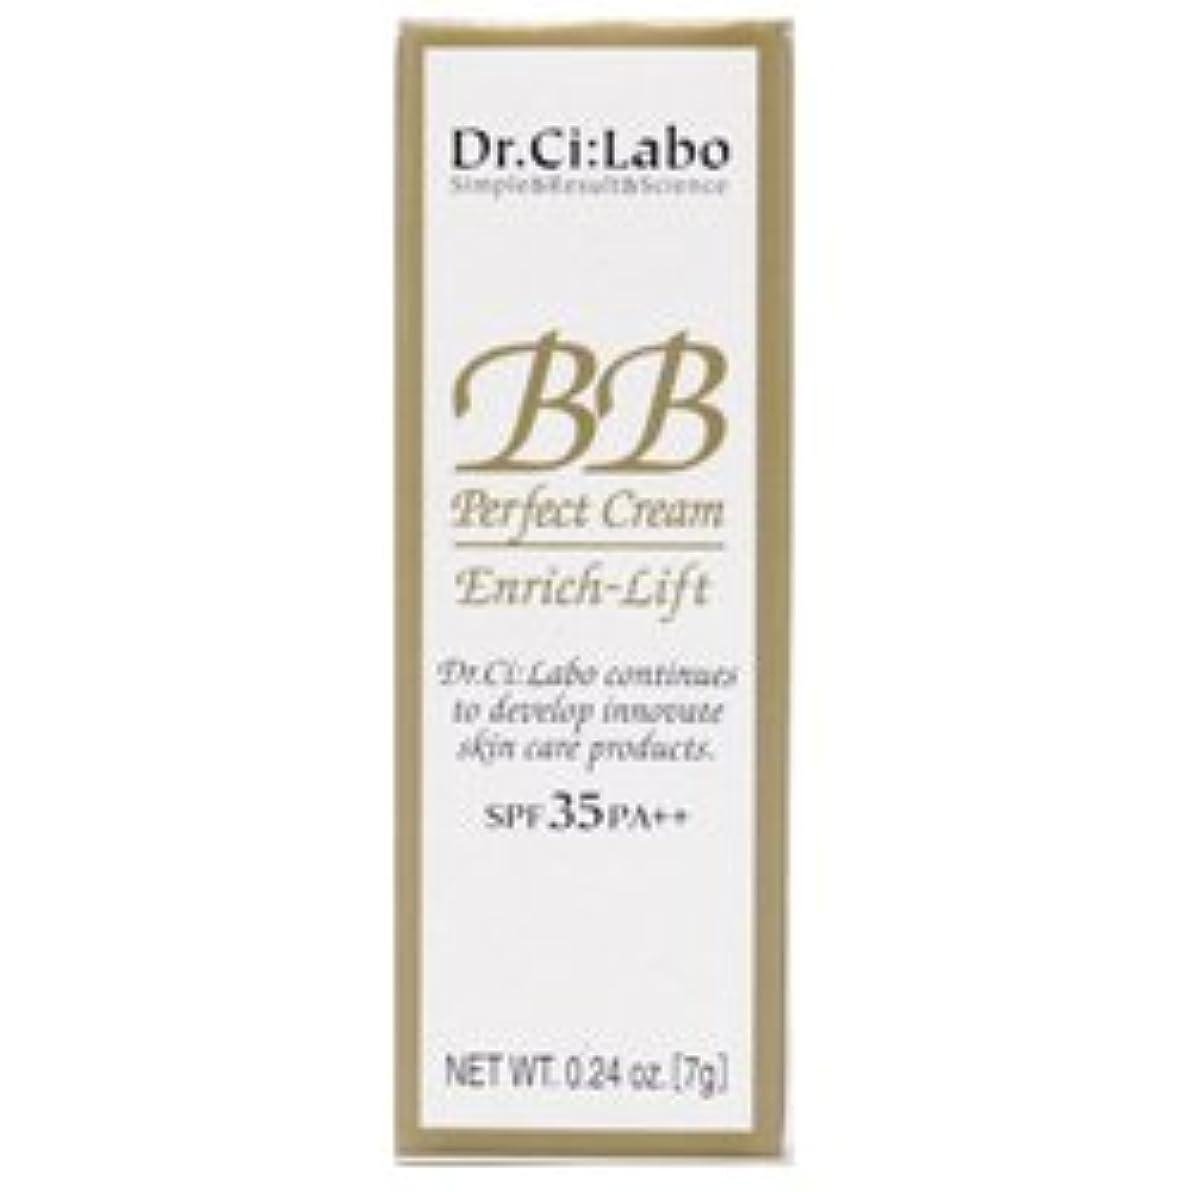 文字クルーズトラフィック【ミニサイズ 7g】 ドクターシーラボ Dr.Ci:Labo BBパーフェクトクリーム エンリッチリフトv SPF35 PA++